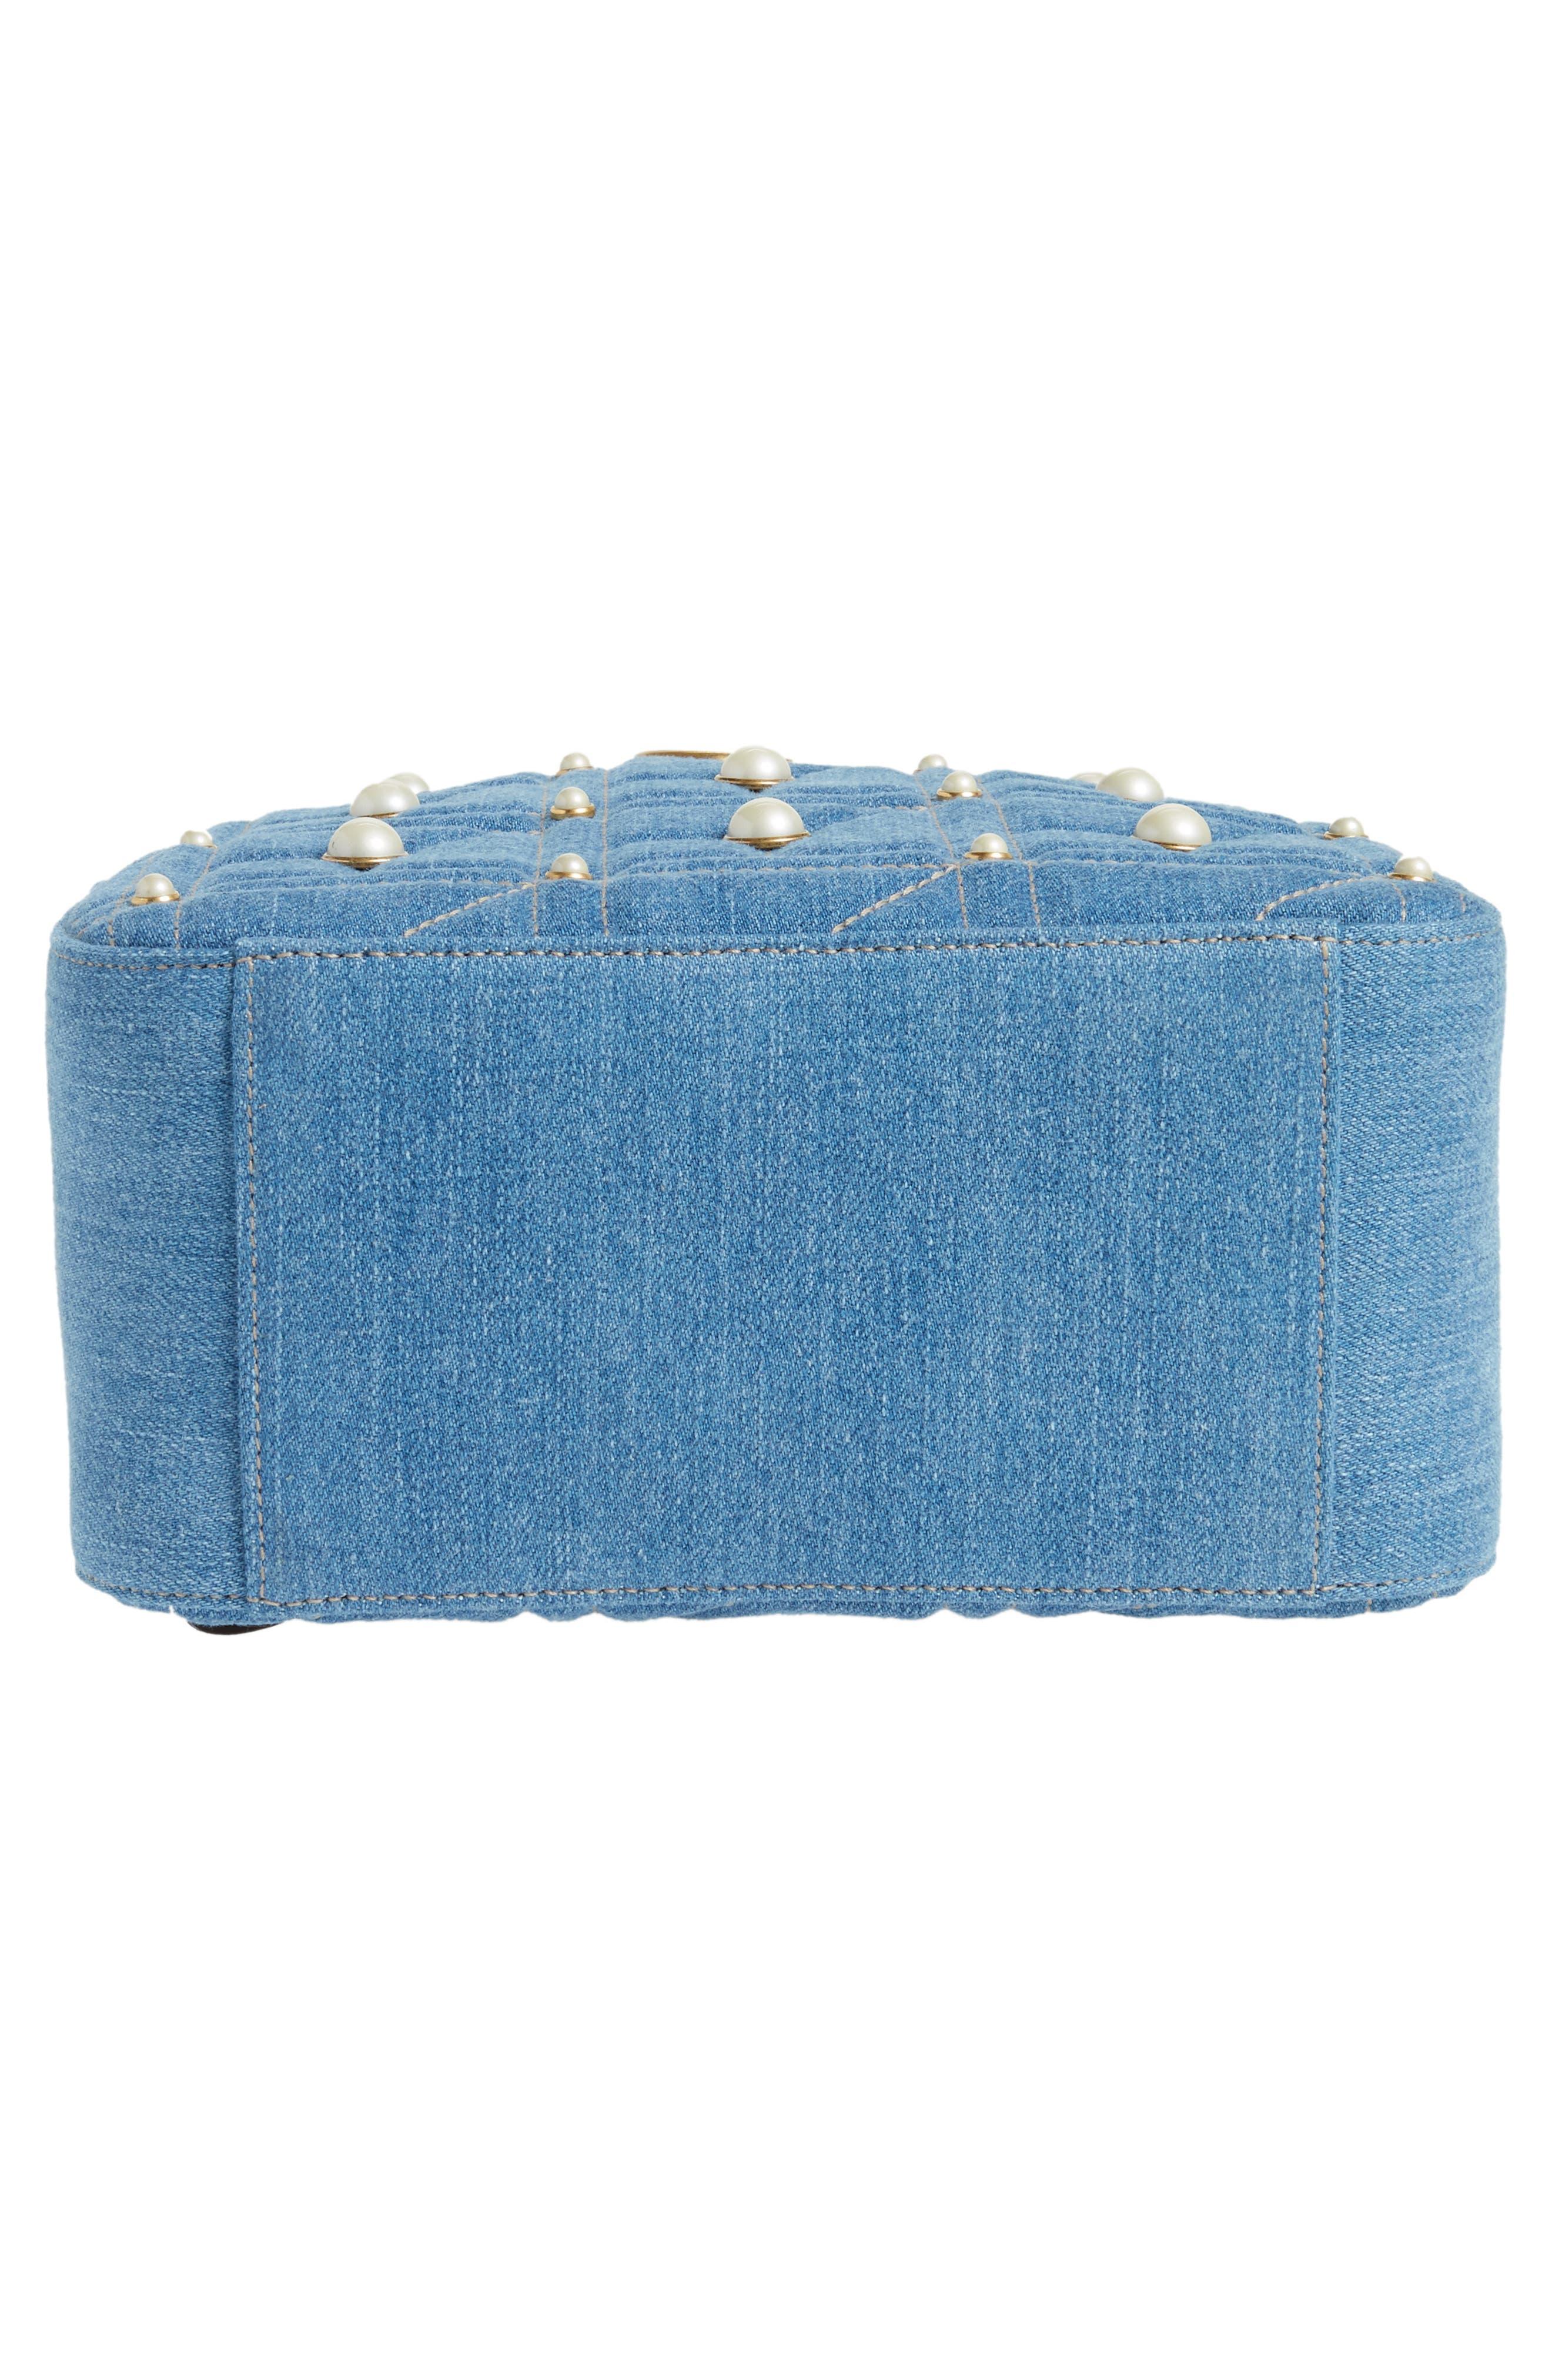 GG Marmont 2.0 Imitation Pearl Embellished Denim Backpack,                             Alternate thumbnail 6, color,                             DENIM BLUE